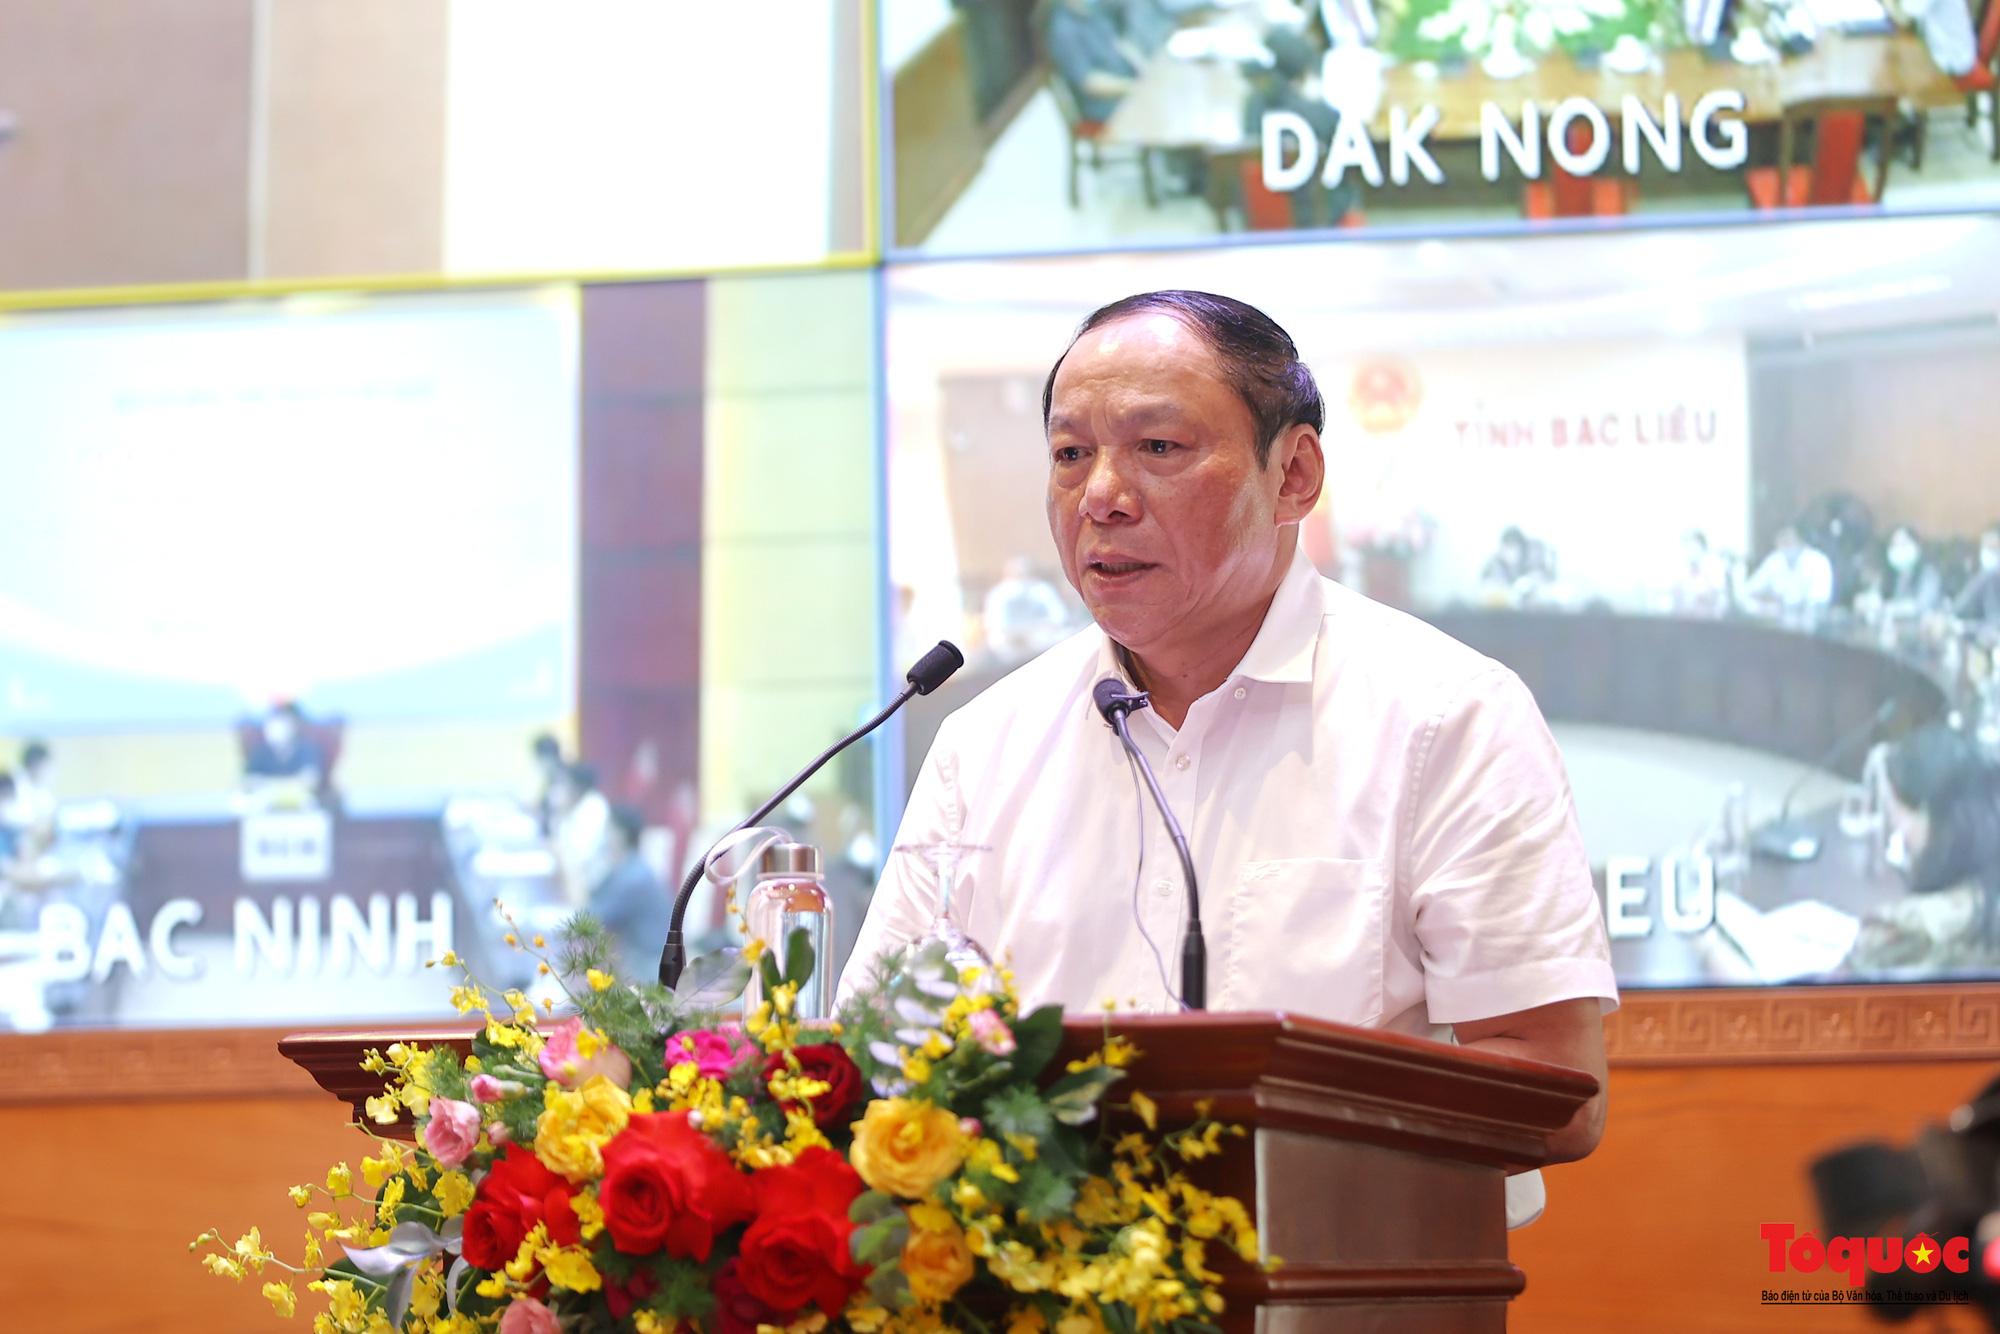 Bộ trưởng Nguyễn Văn Hùng: Cần cơ cấu, tính toán cân bằng lại thị trường du lịch - Ảnh 1.